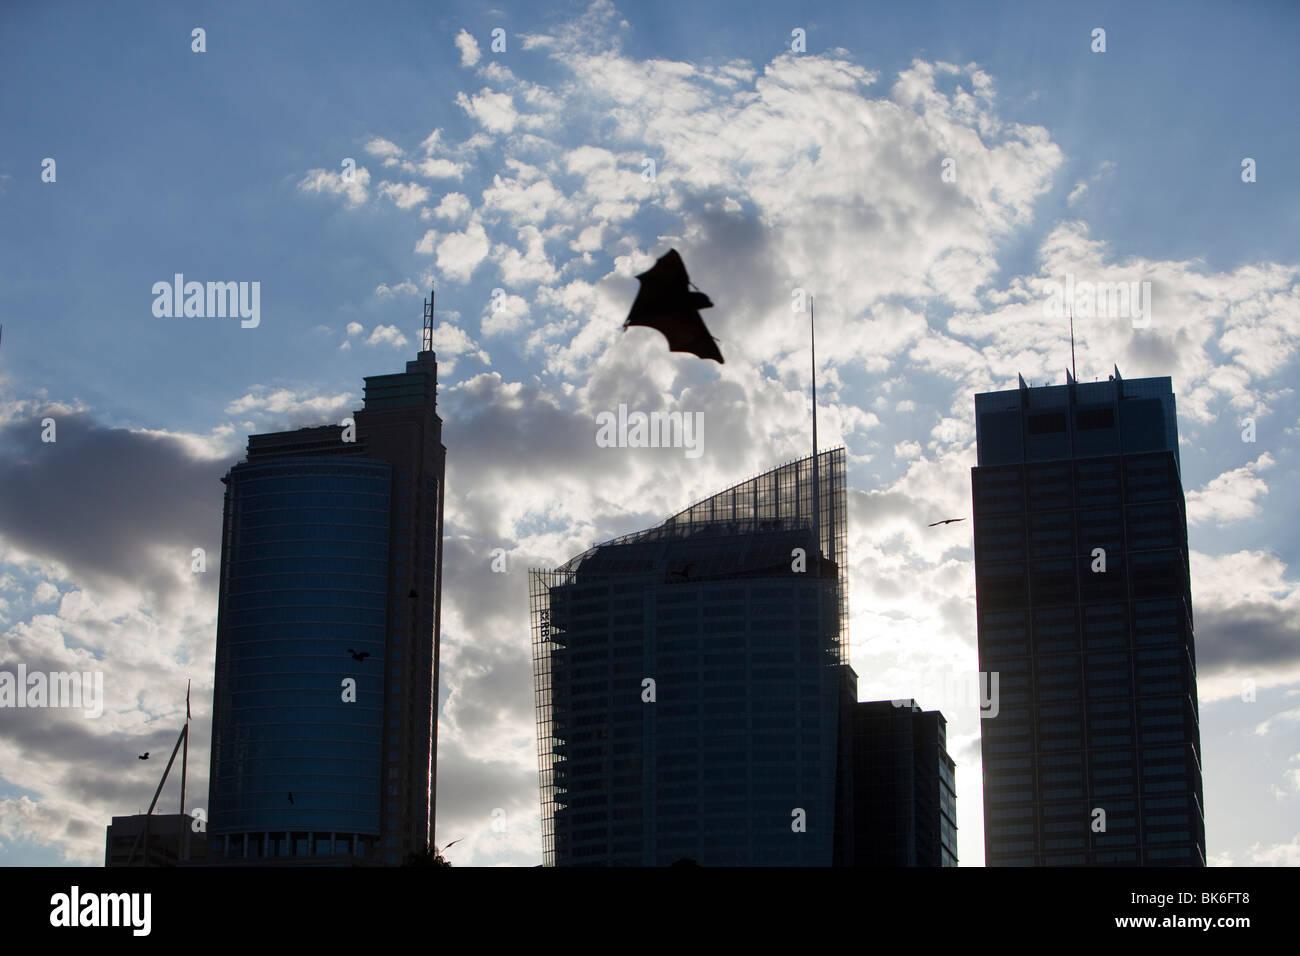 Le volpi volanti battenti nella parte anteriore del centro cittadino di Sydney tower blocchi, Australia.Foto Stock